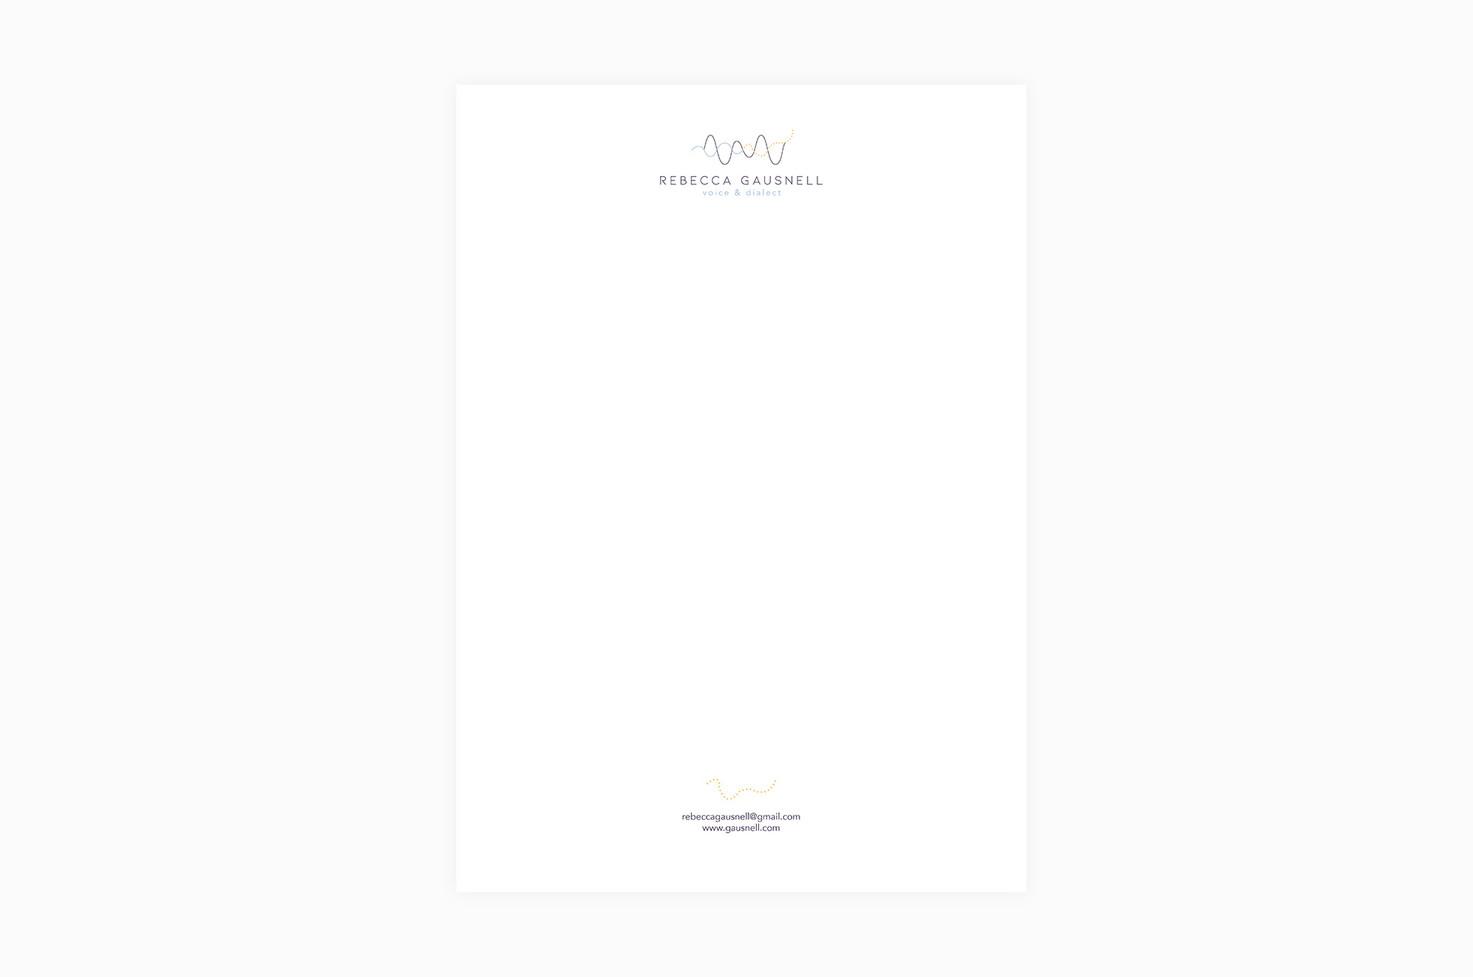 citrino-design-portfolio-rebecca-gausnel